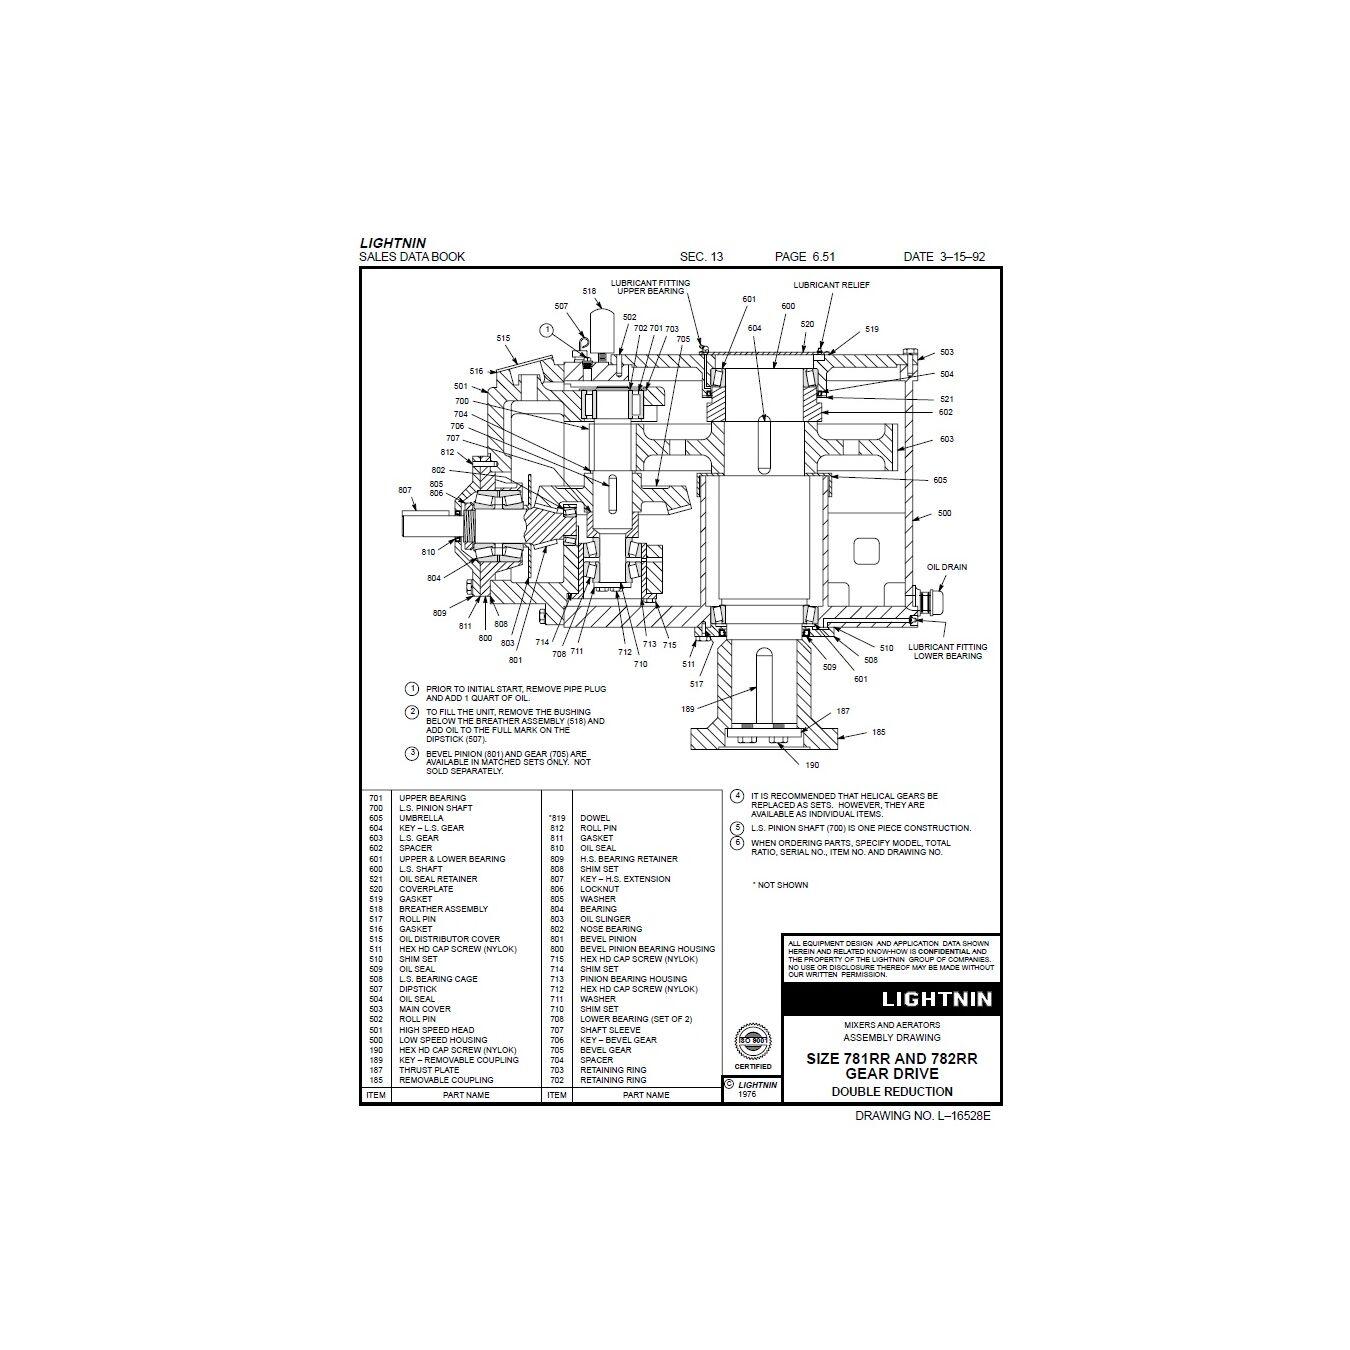 Used 75 Hp Lightnin Mixer Agitator Drive Model Lat 150